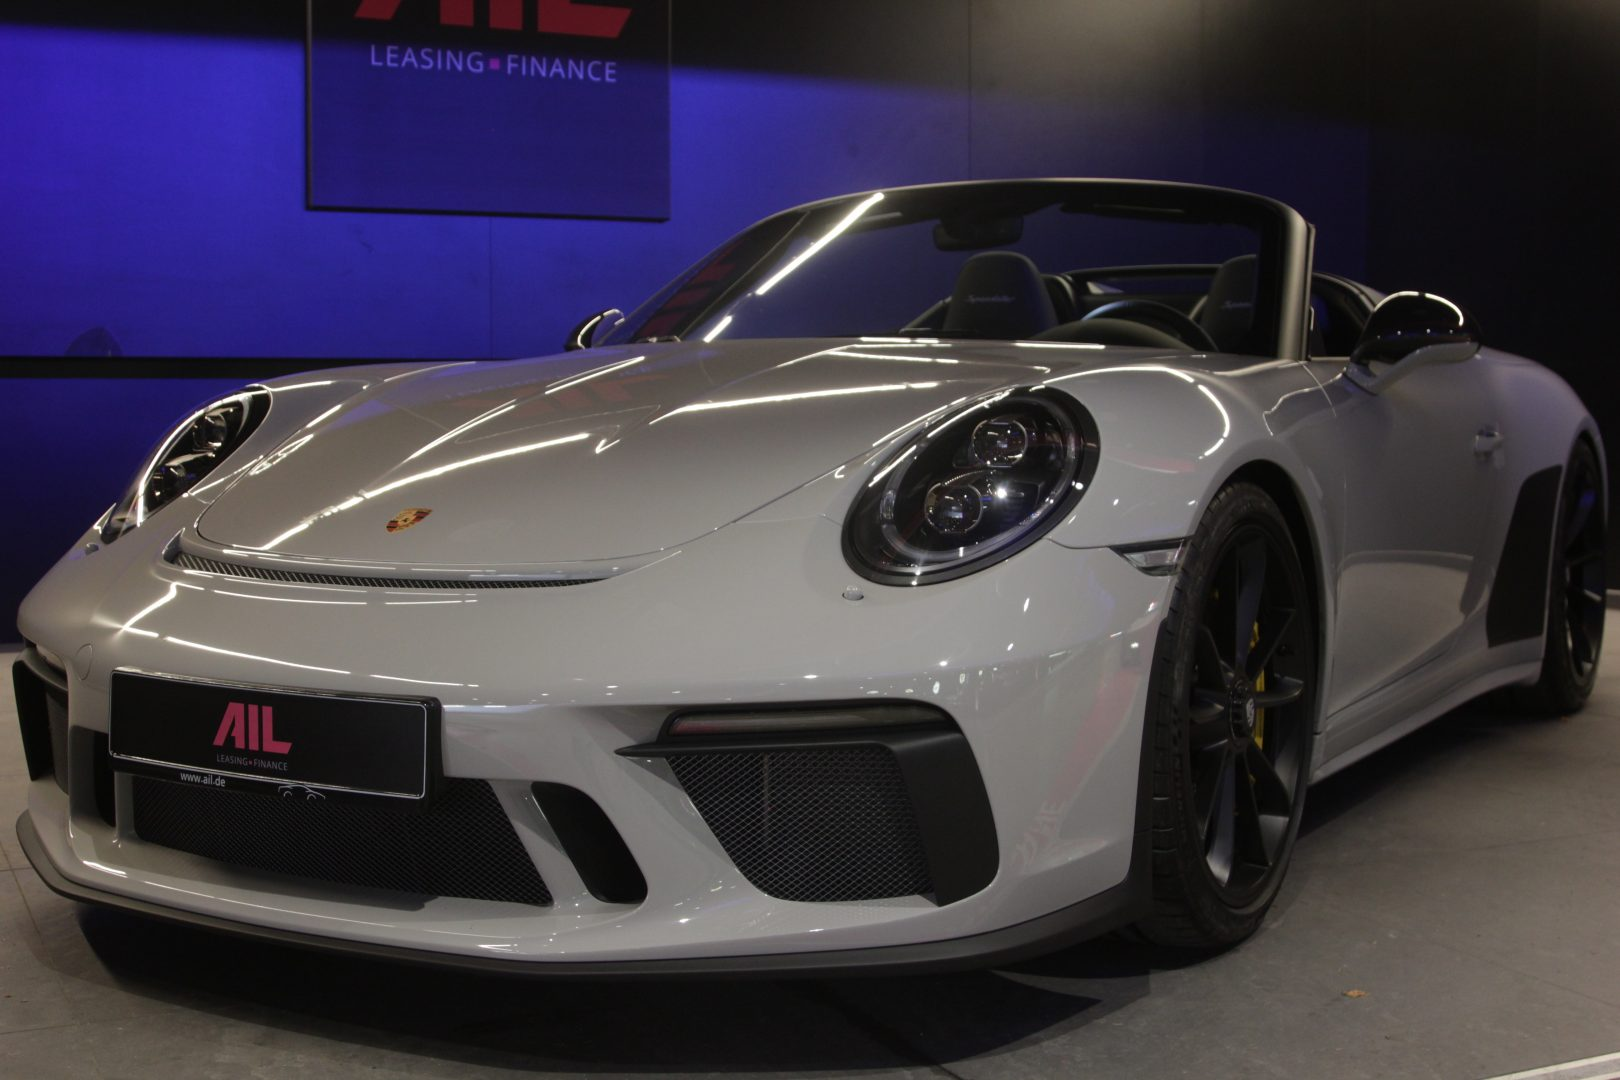 AIL Porsche 991 Speedster 3